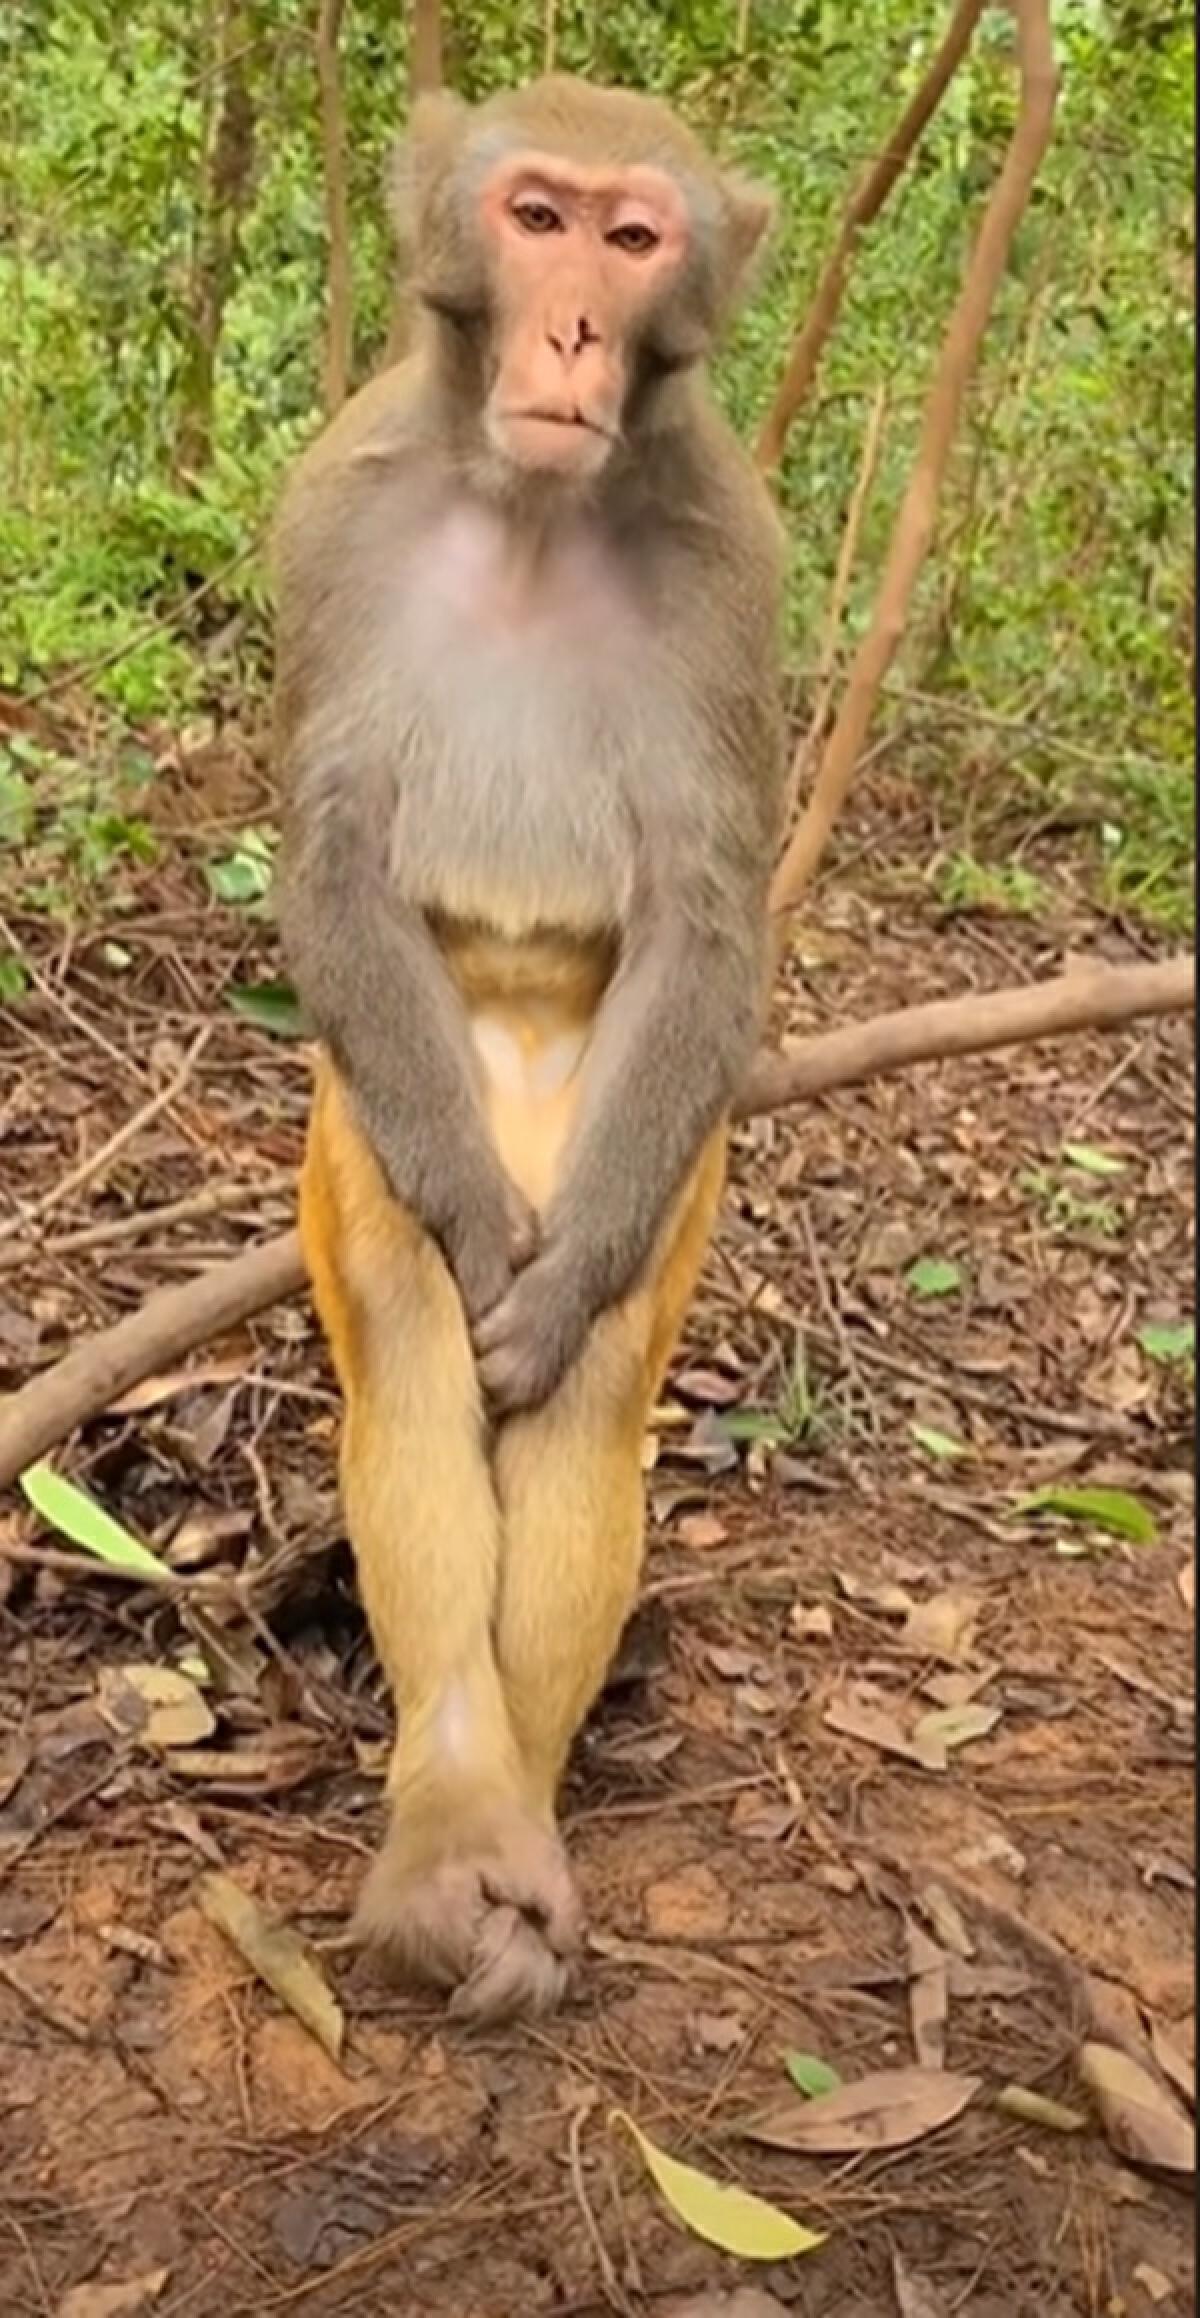 น้องลิงเศร้านั่งนิ่ง ทำหน้าไร้อารมณ์ จนชาวเน็ตแซวเบื่อโลกอะไรขนาดนั้น